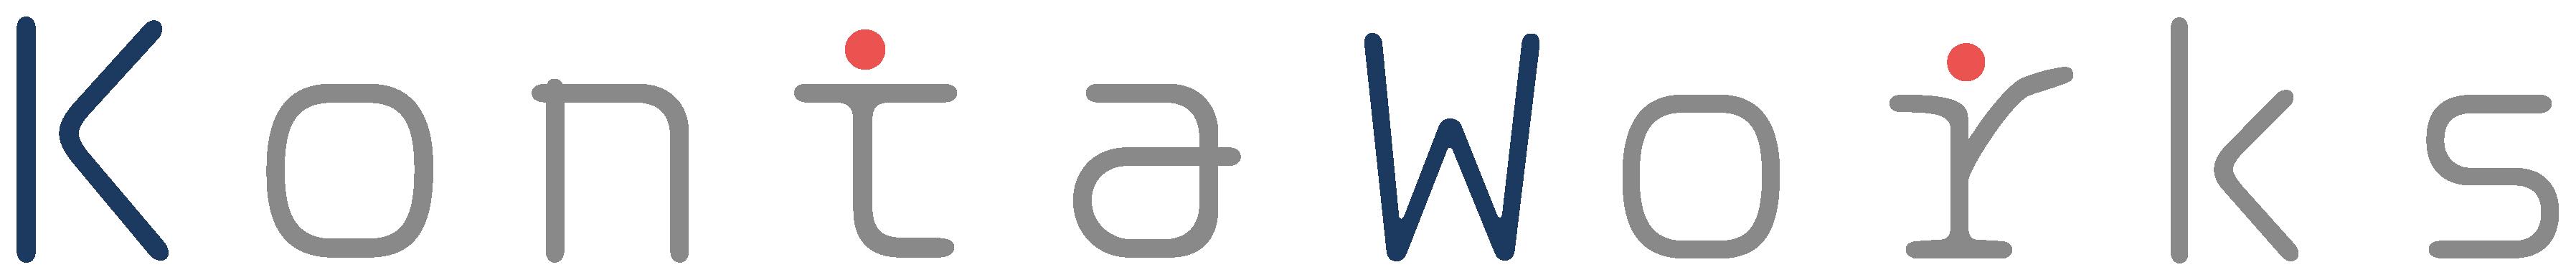 商社/卸売業とロゴタイプ(文字のみのデザイン)と紺のロゴ